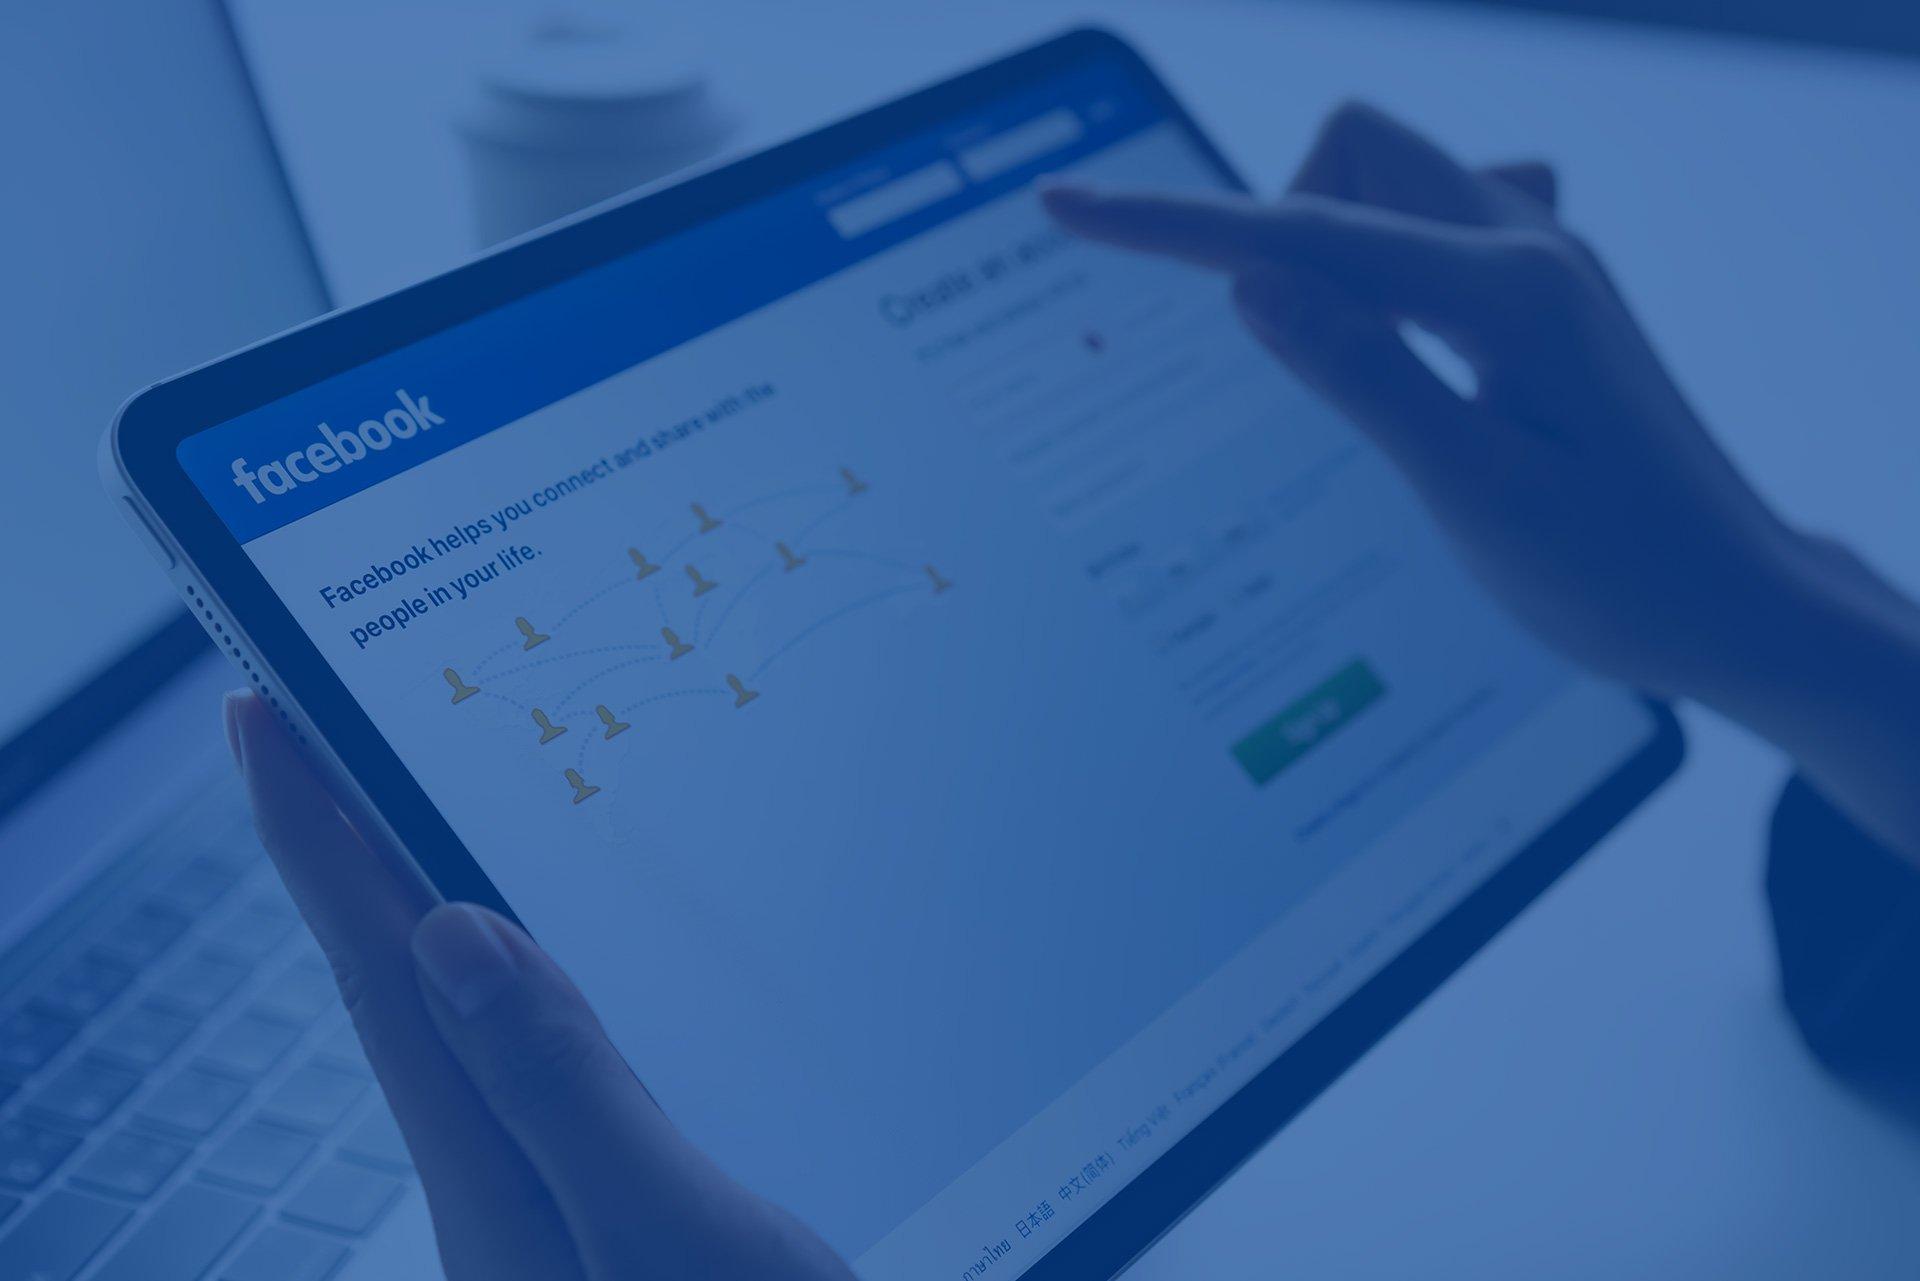 Facebook Marketing Partner Recognition